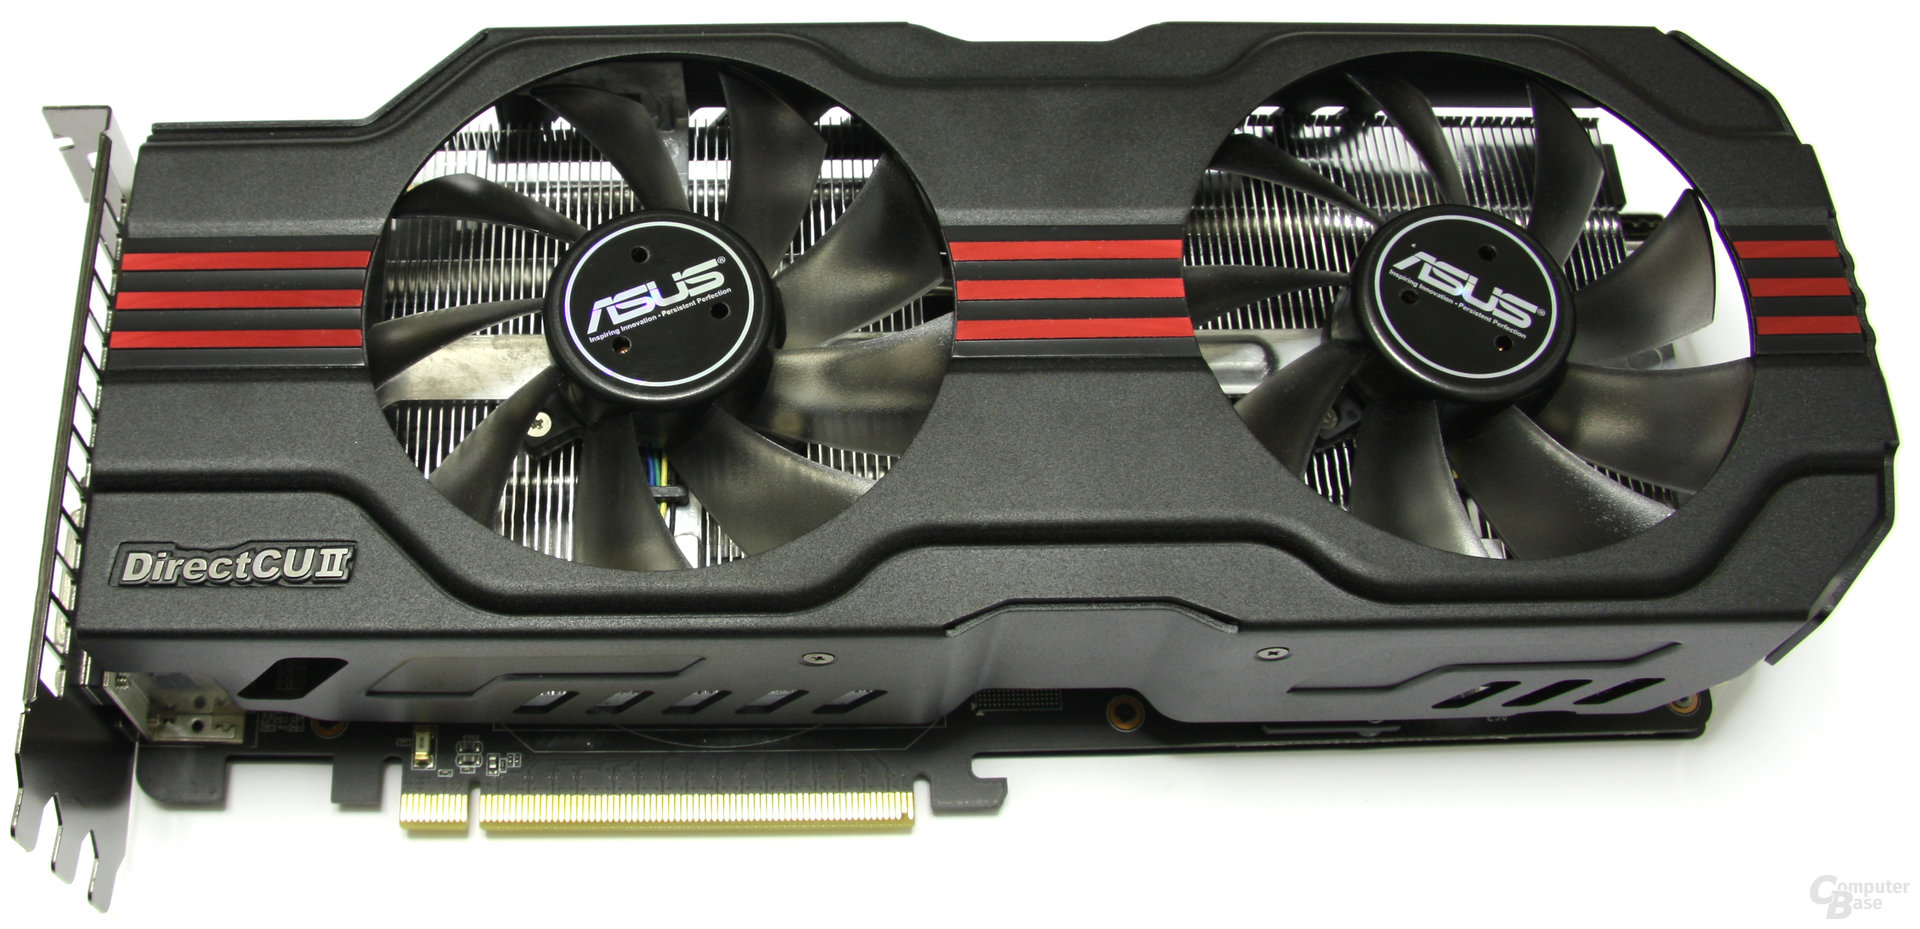 Asus GeForce GTX 570 DirectCU II